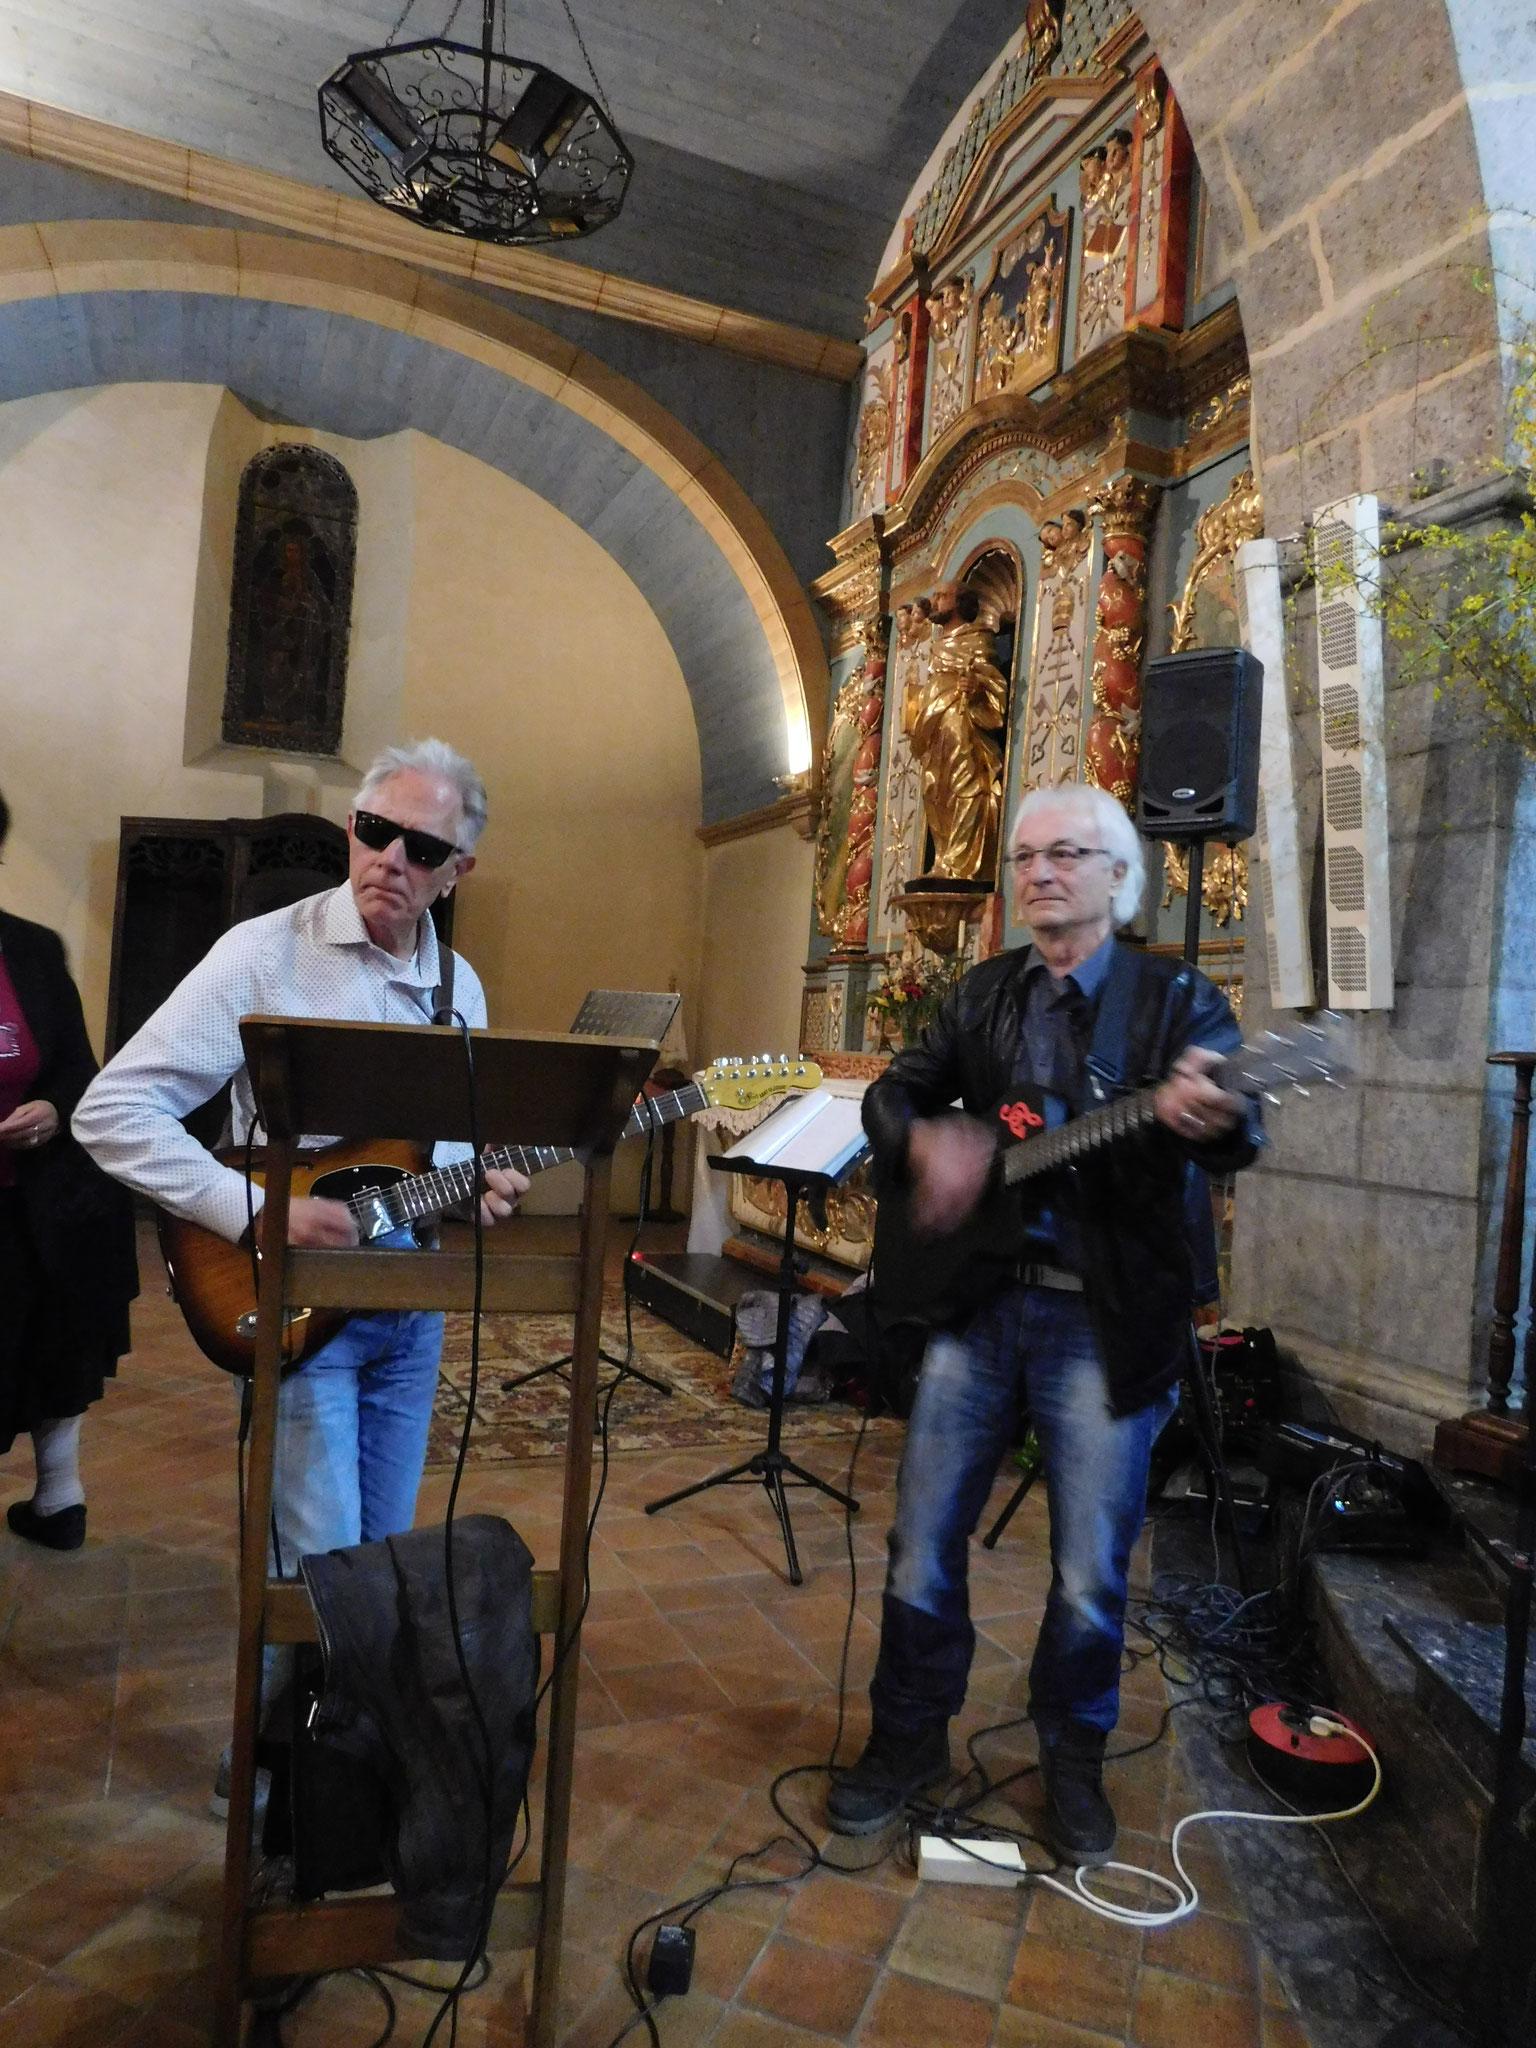 Nos deux guitaristes ,Jacques et Patrick,jouent leur dernier morceau.